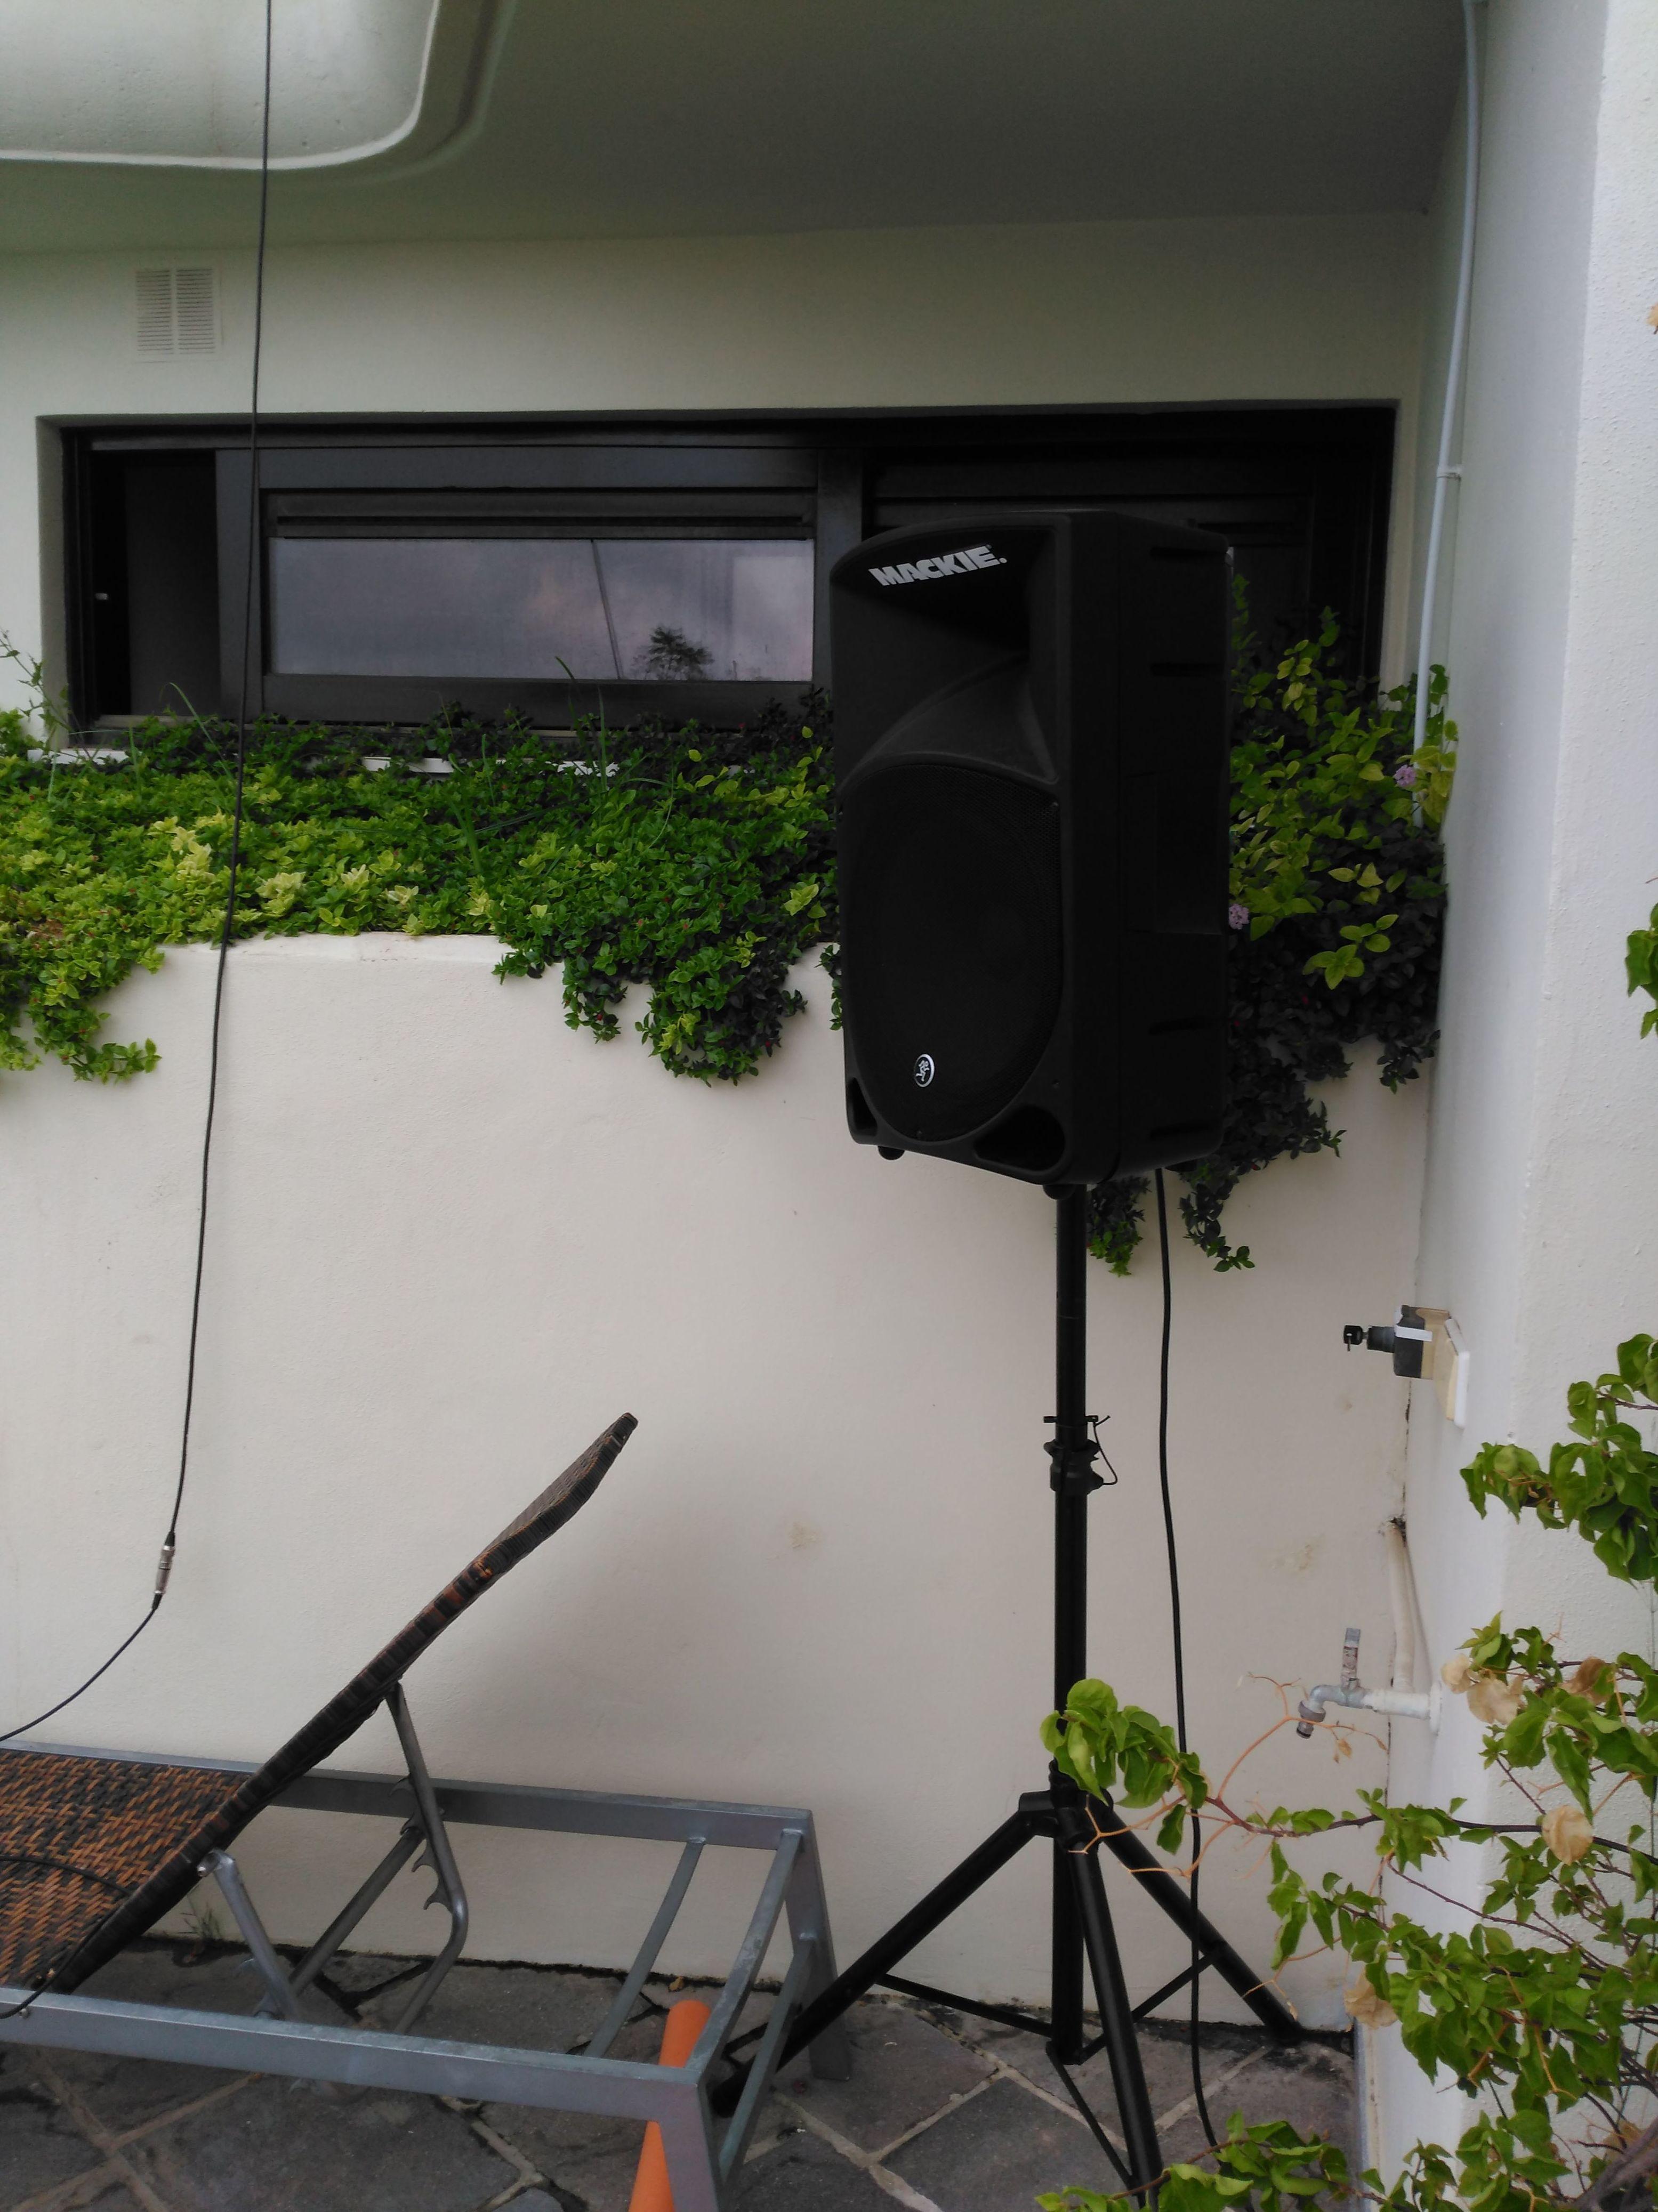 Foto 77 de Alquiler de sonido profesional e iluminación para todo tipo de eventos en Málaga   JCL Alquiler de sonido